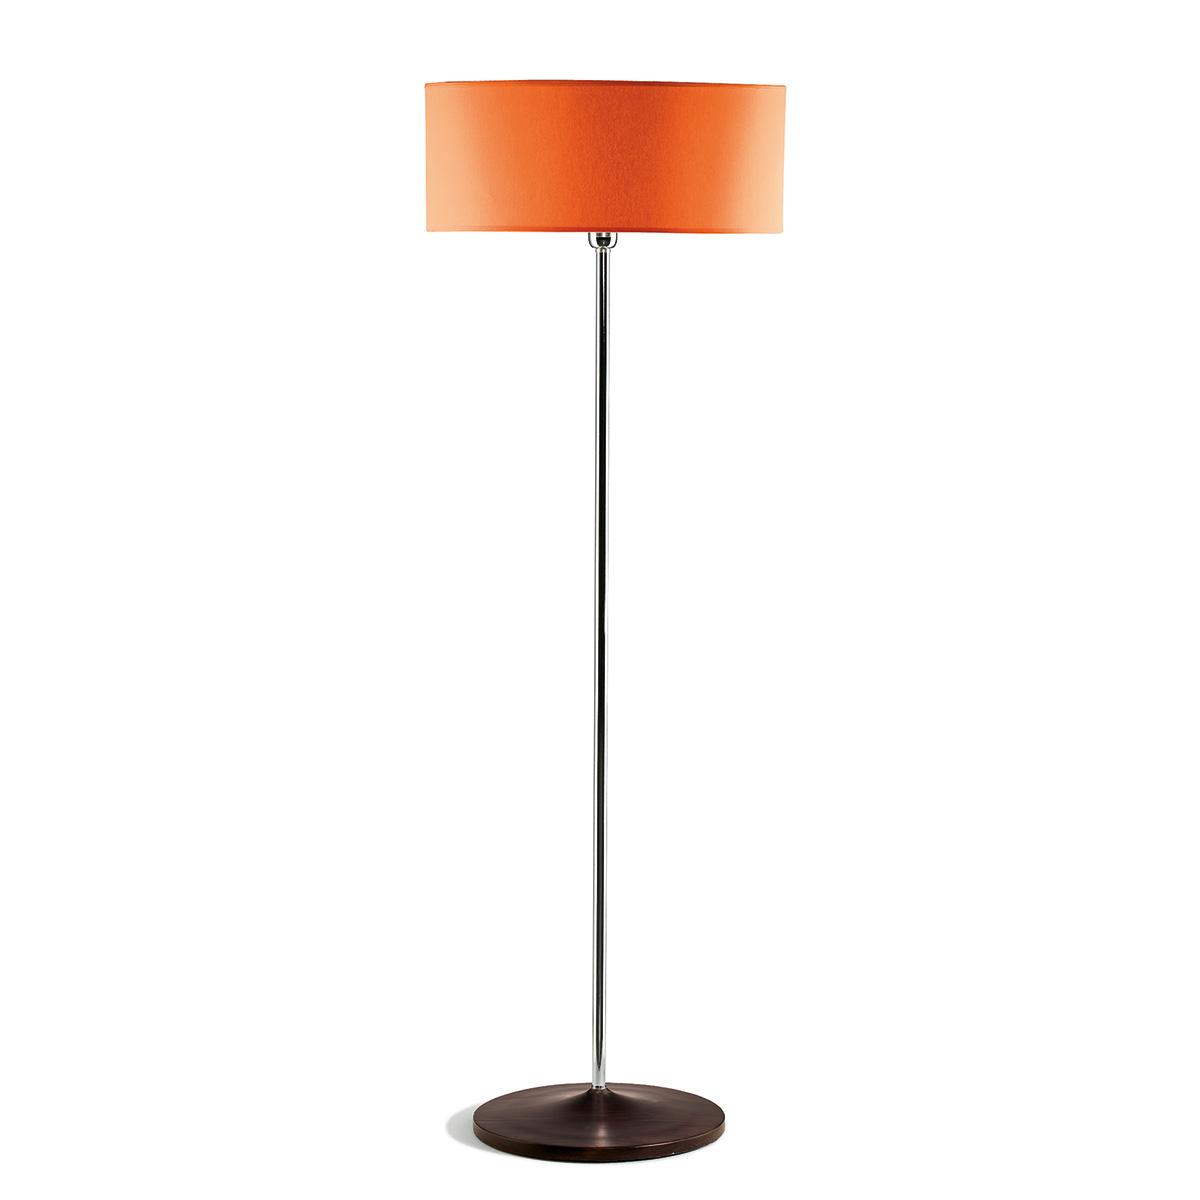 Φωτιστικό δαπέδου με πορτοκαλί καπέλο DISCO ZEN floor lamp with orange shade